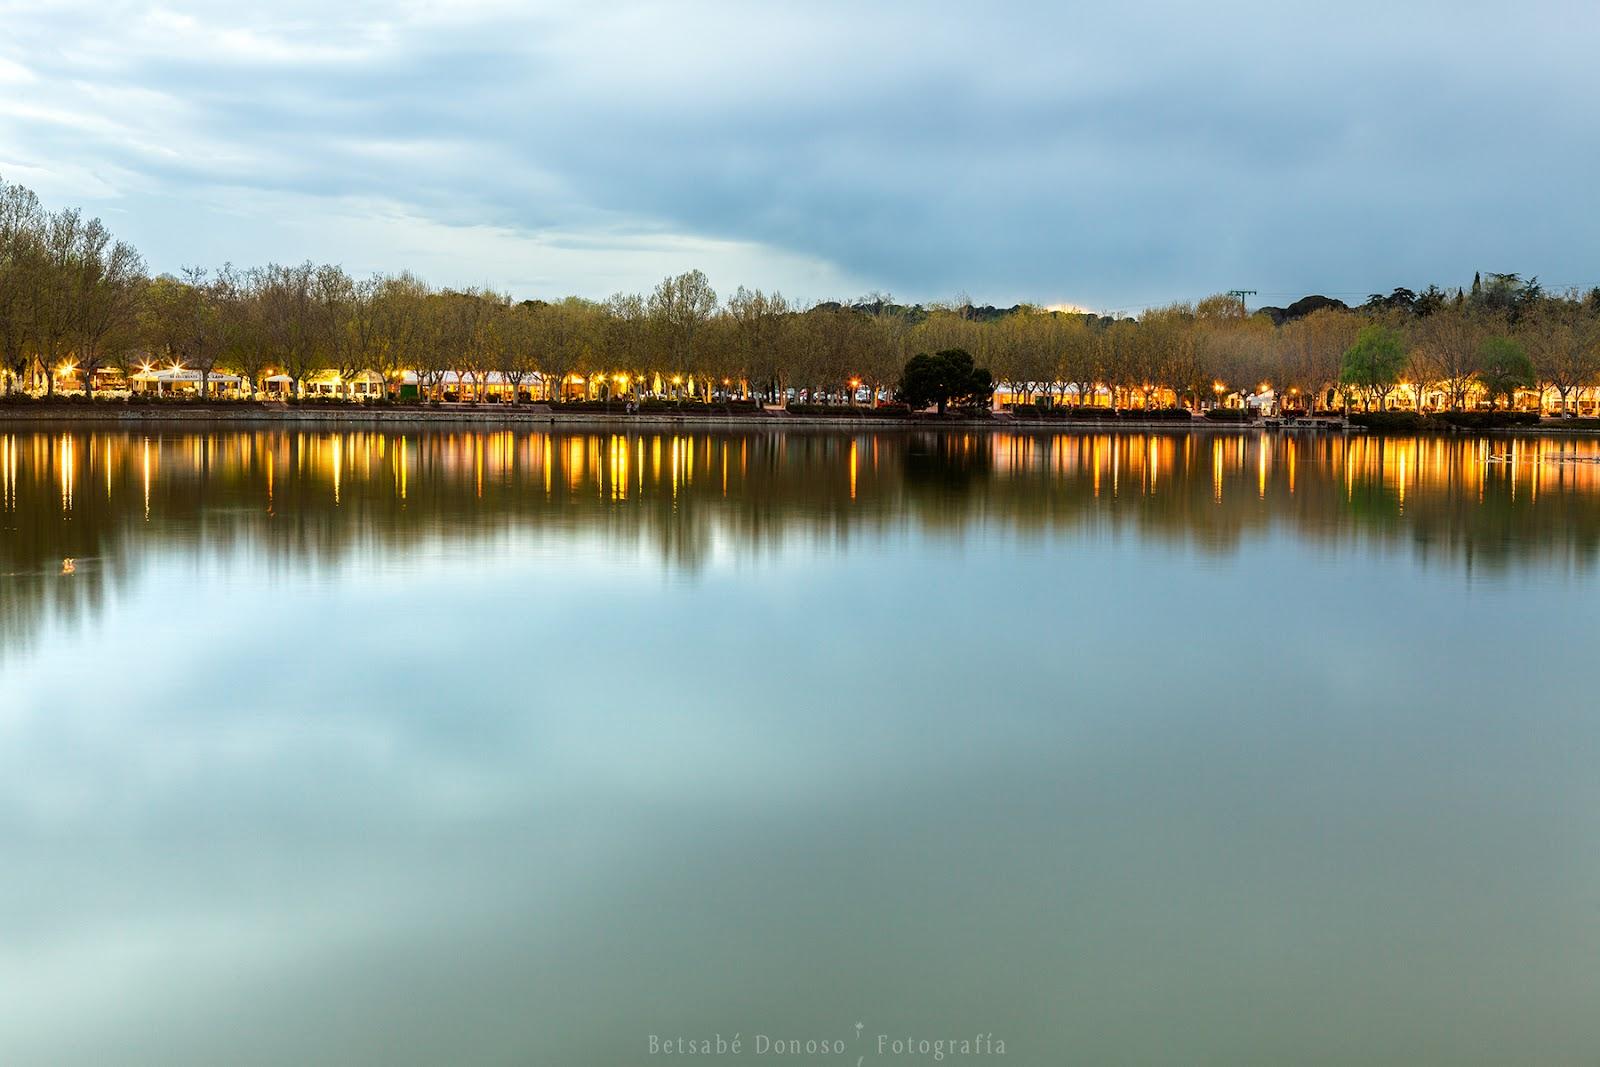 Betsabé Donoso: El Lago de la Casa de Campo